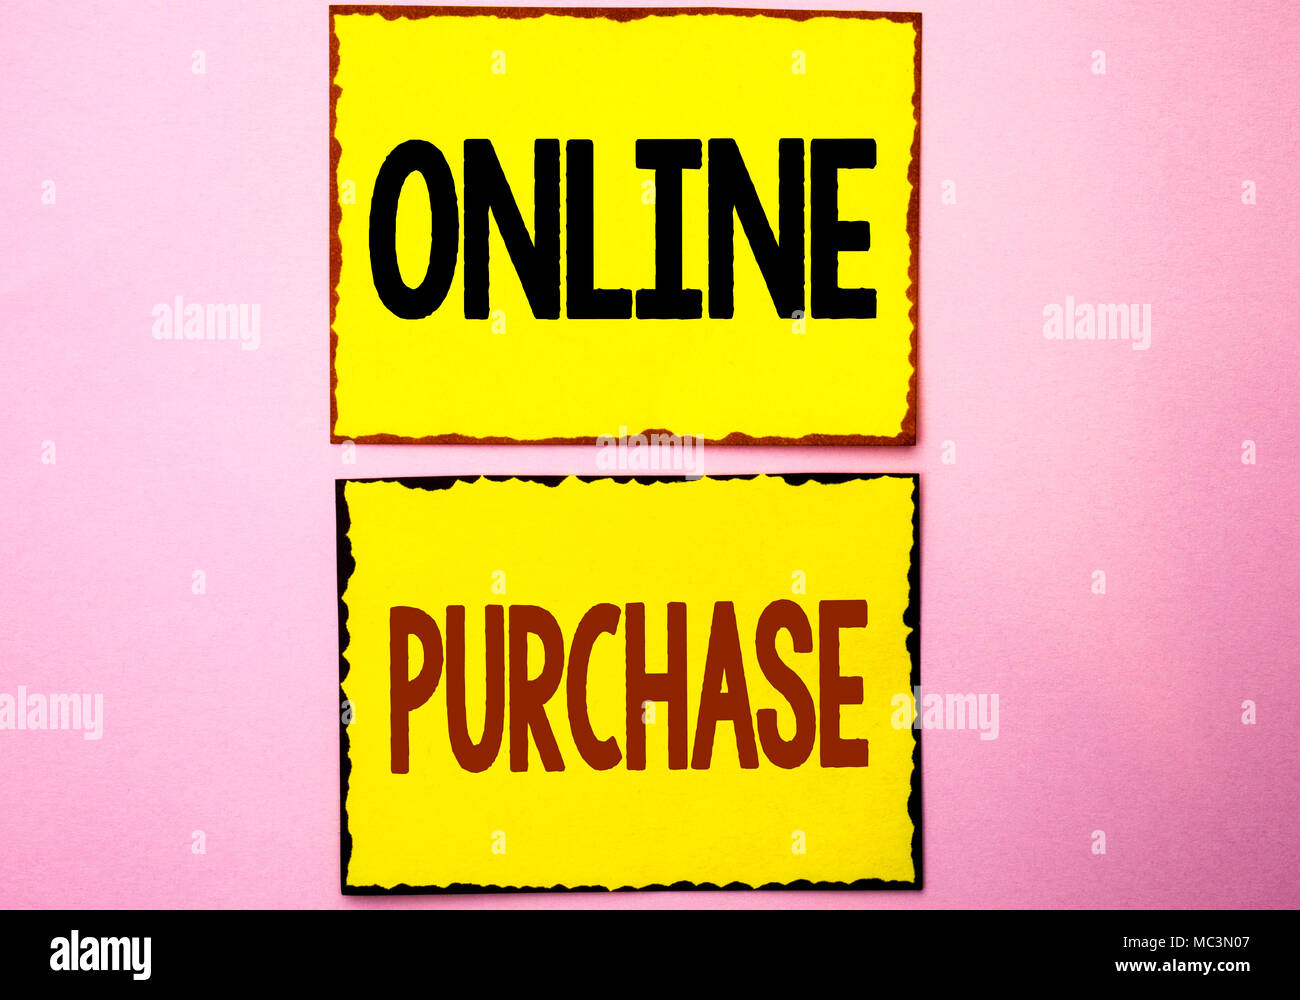 4752103d90ca73 Wort schreiben Text Online kaufen. Business Konzept für Sachen kaufen im  Netz einkaufen ohne das Haus verlassen zu müssen schriftliche Gelb  Haftnotizen die ...